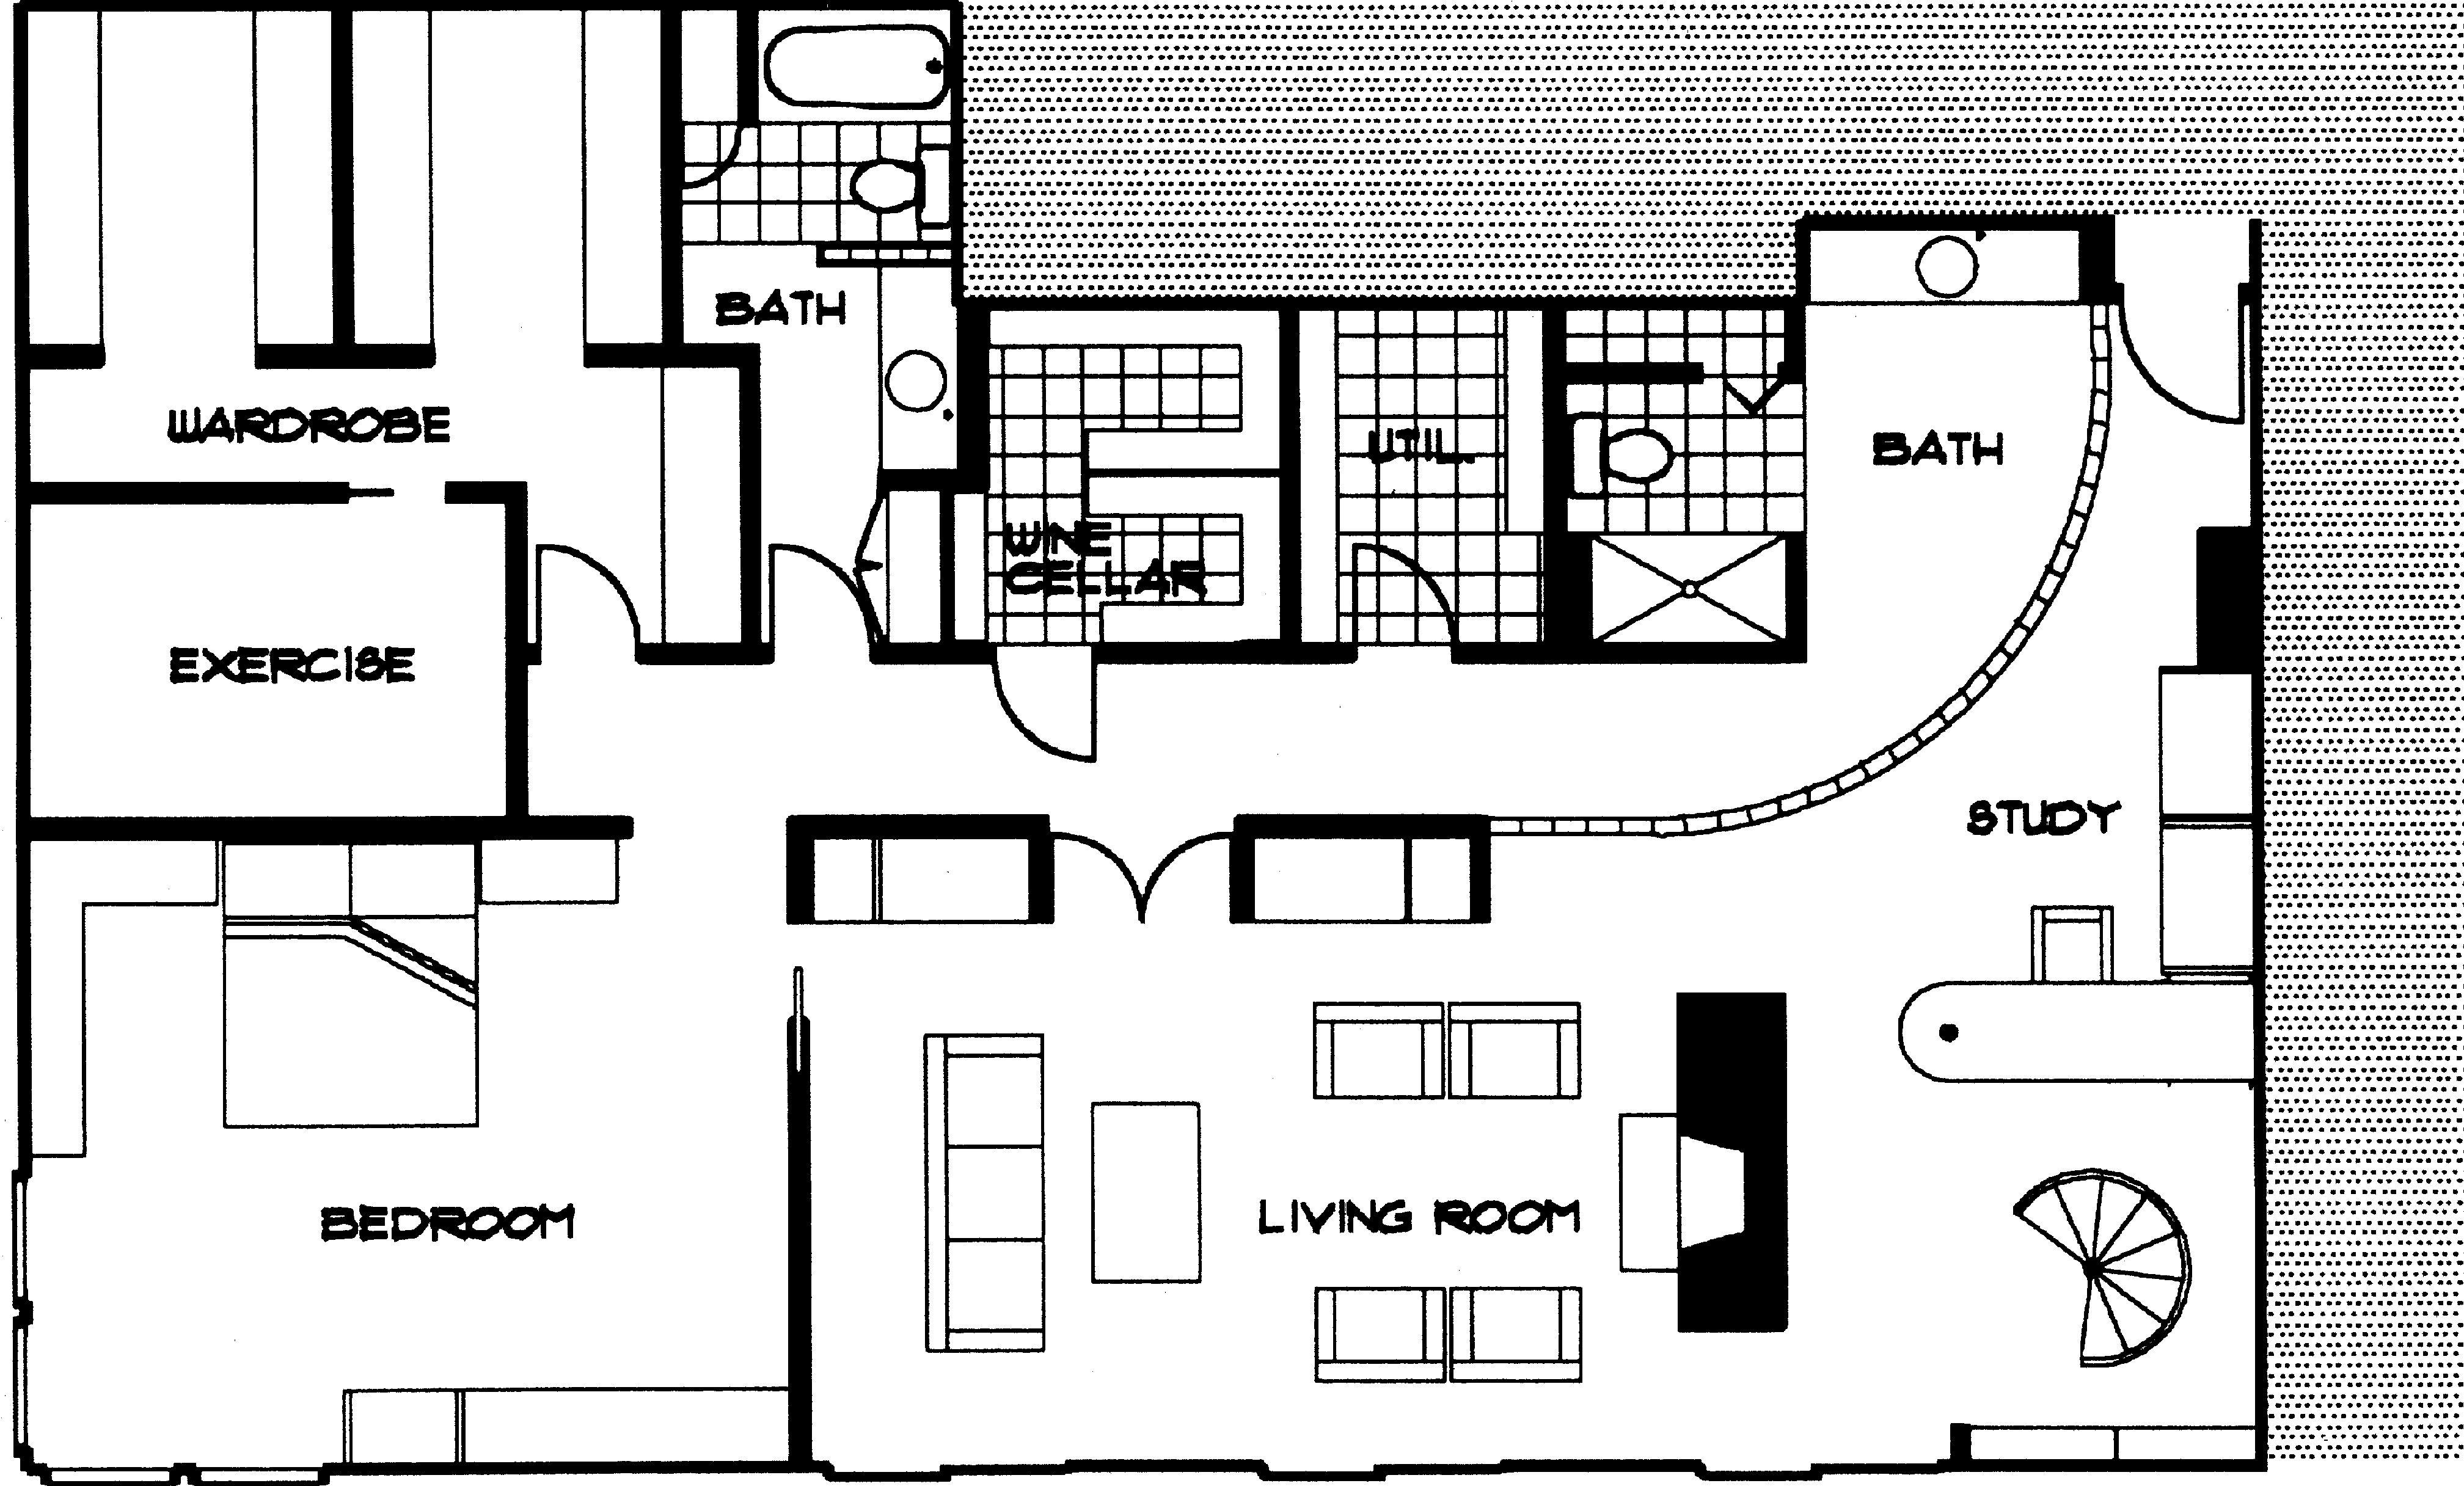 Master Suite Floor Plan. Master suite floor plan, Floor